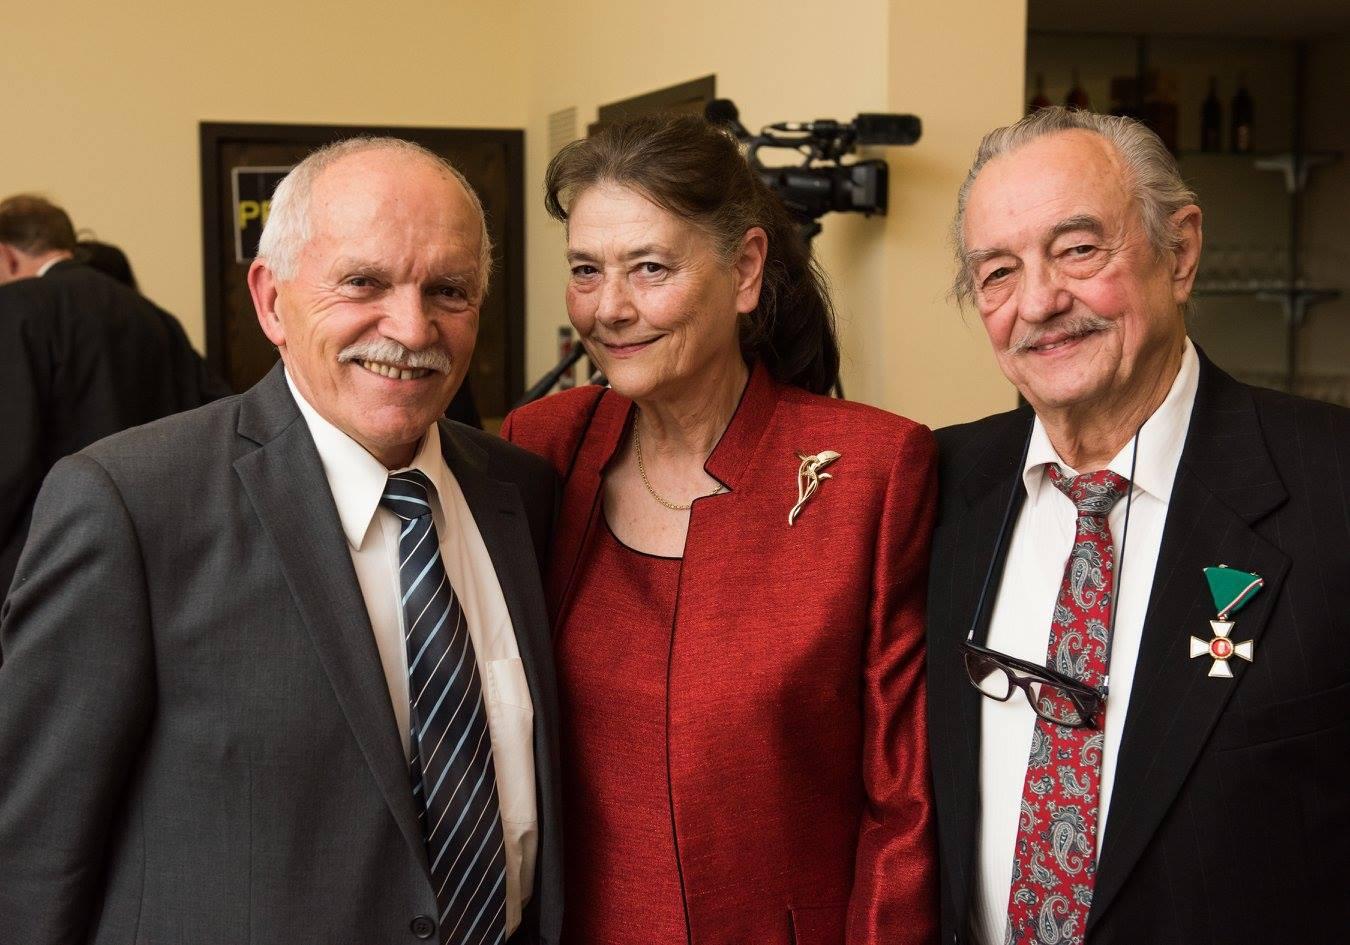 Mr. Árpád Kovács, Mrs. Ágnes Fülöp, Mr. László Fülöp